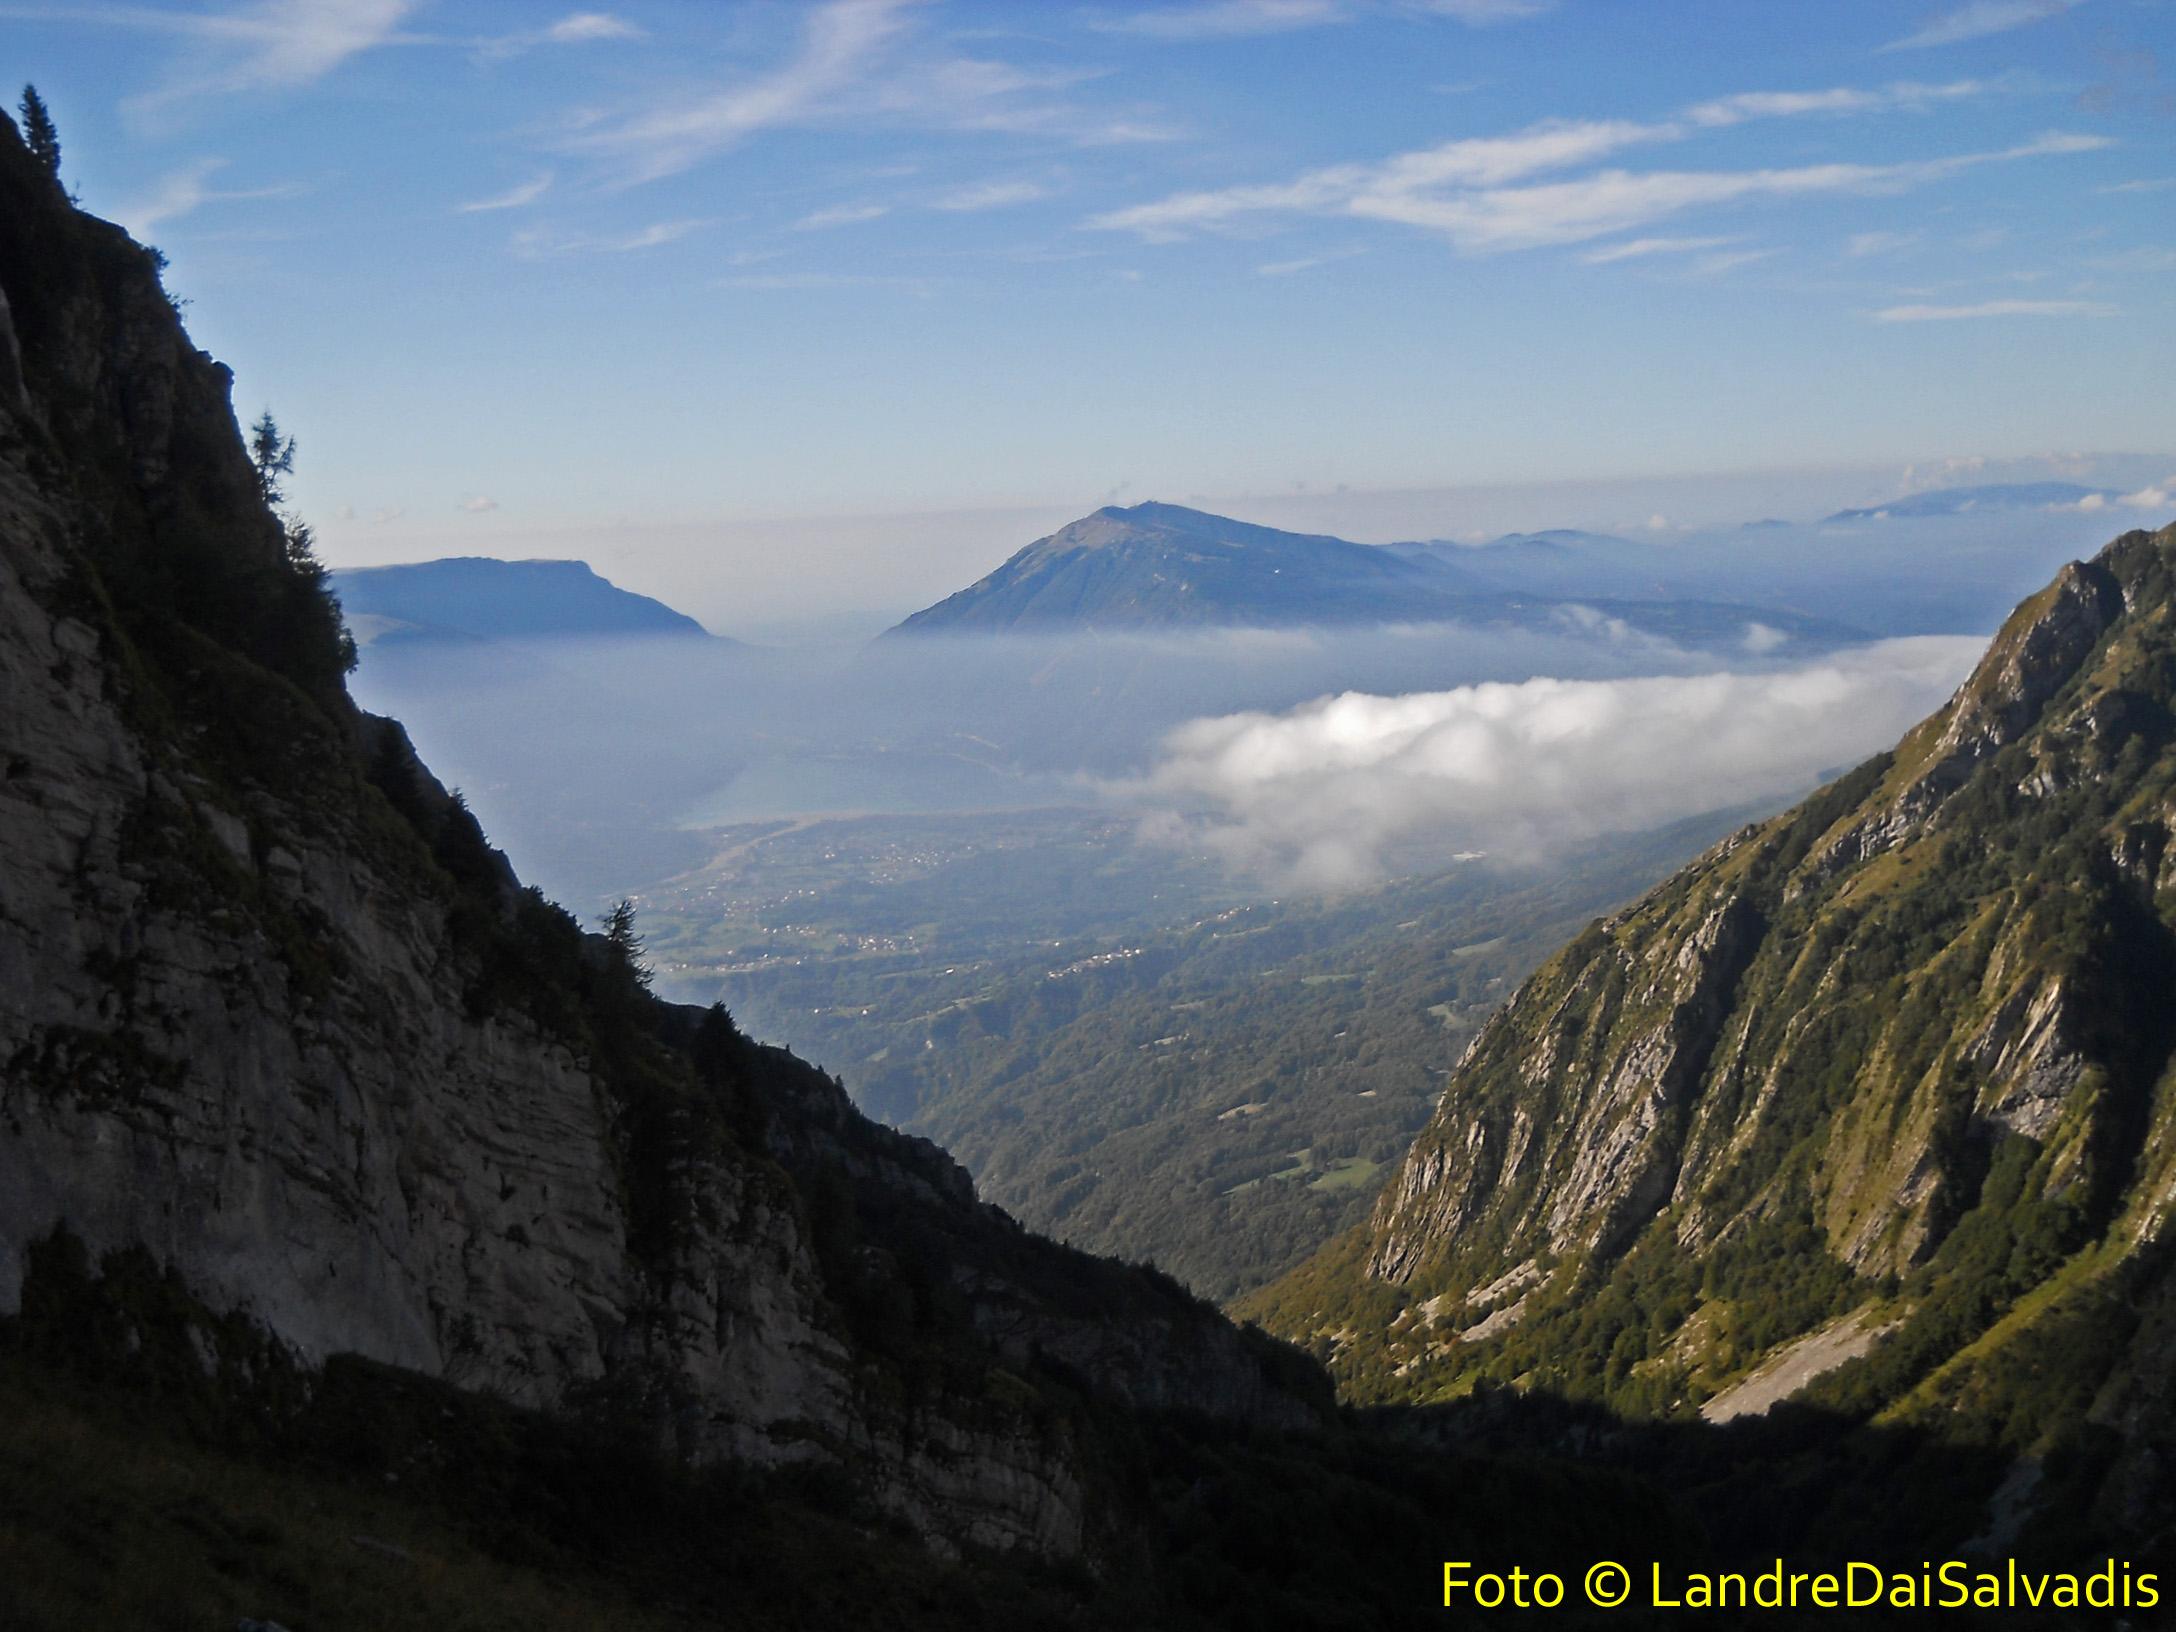 L'Alpago e il lago di Santa Croce.